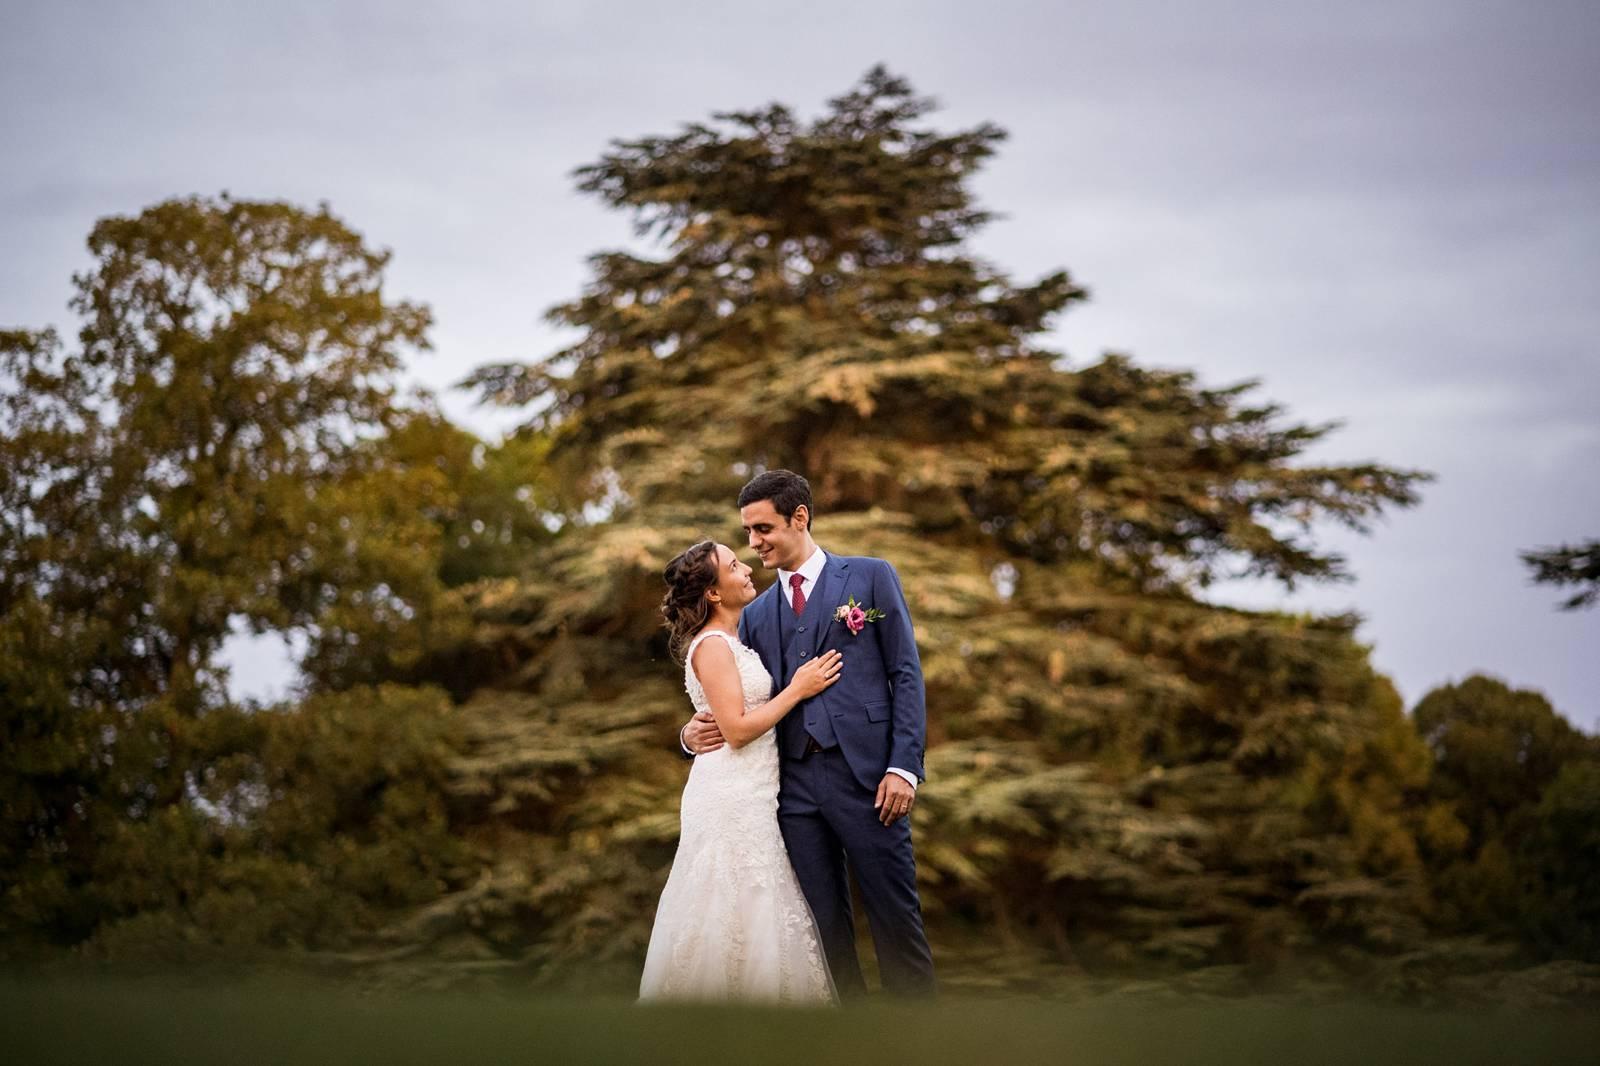 L'aperçu du mariage religieux à Saint Crepin Ibouvillers de E+A puis au Domaine de Montchevreuil. Alexandre Roschewitz Photographe Mariage.